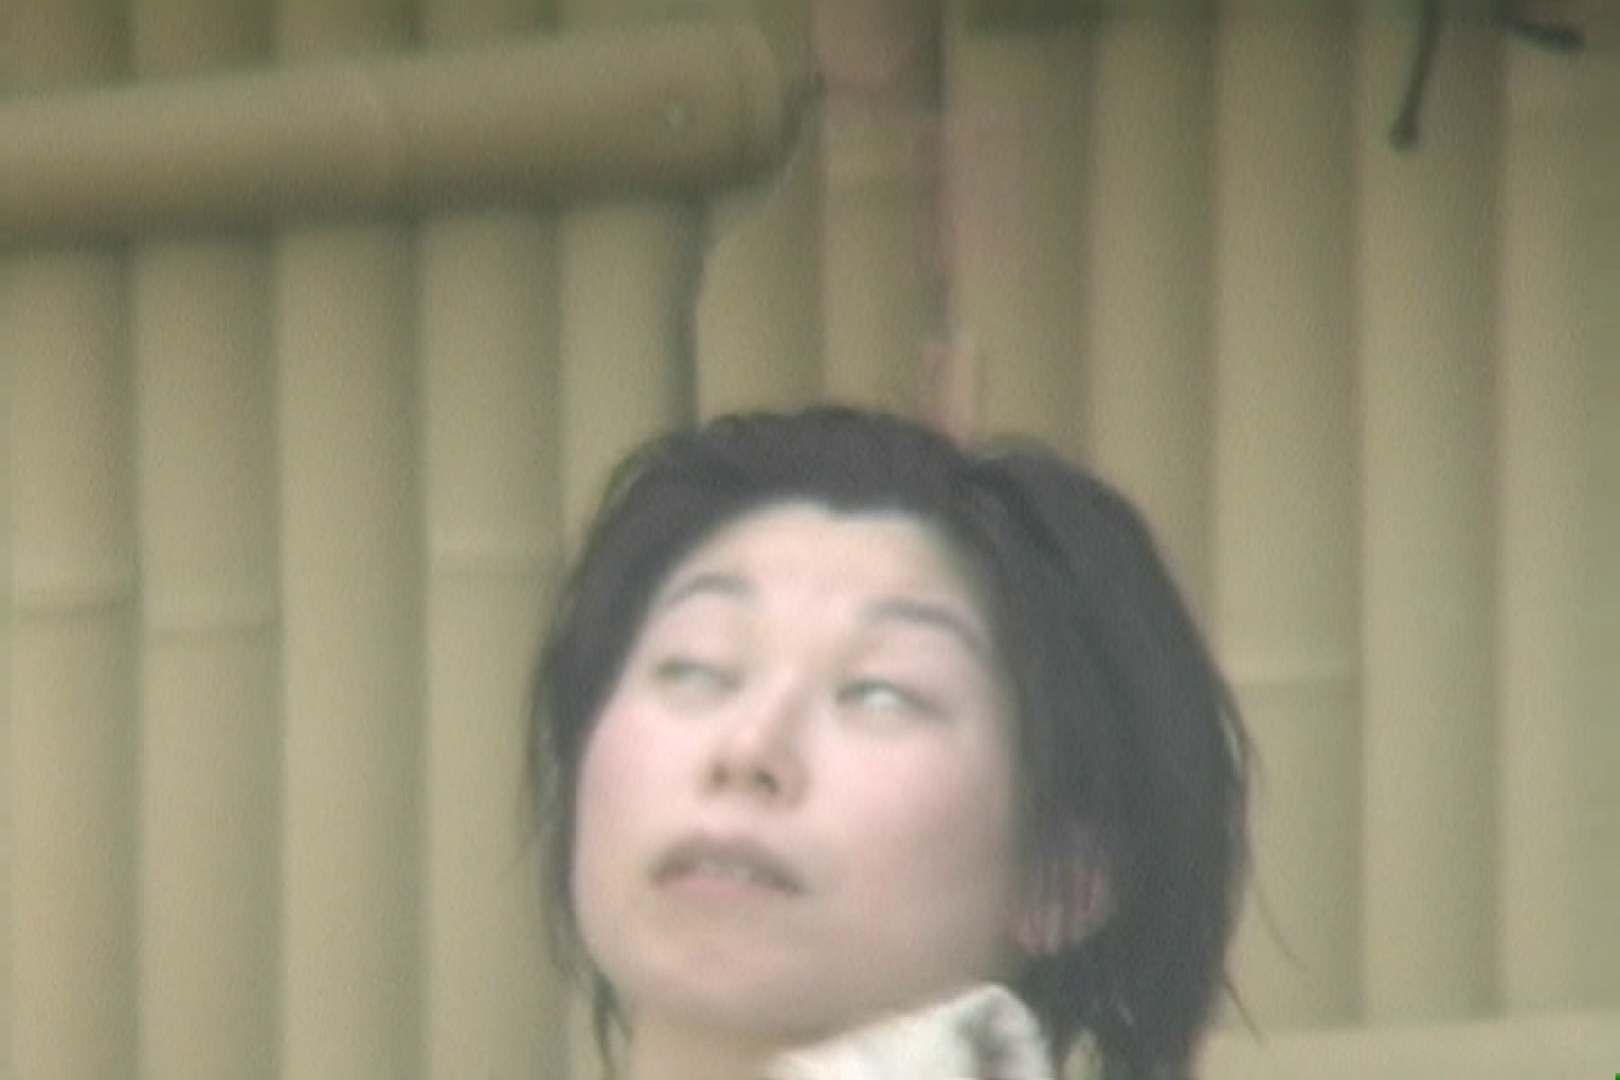 高画質露天女風呂観察 vol.008 望遠映像 | 乙女のエロ動画  102PIX 85